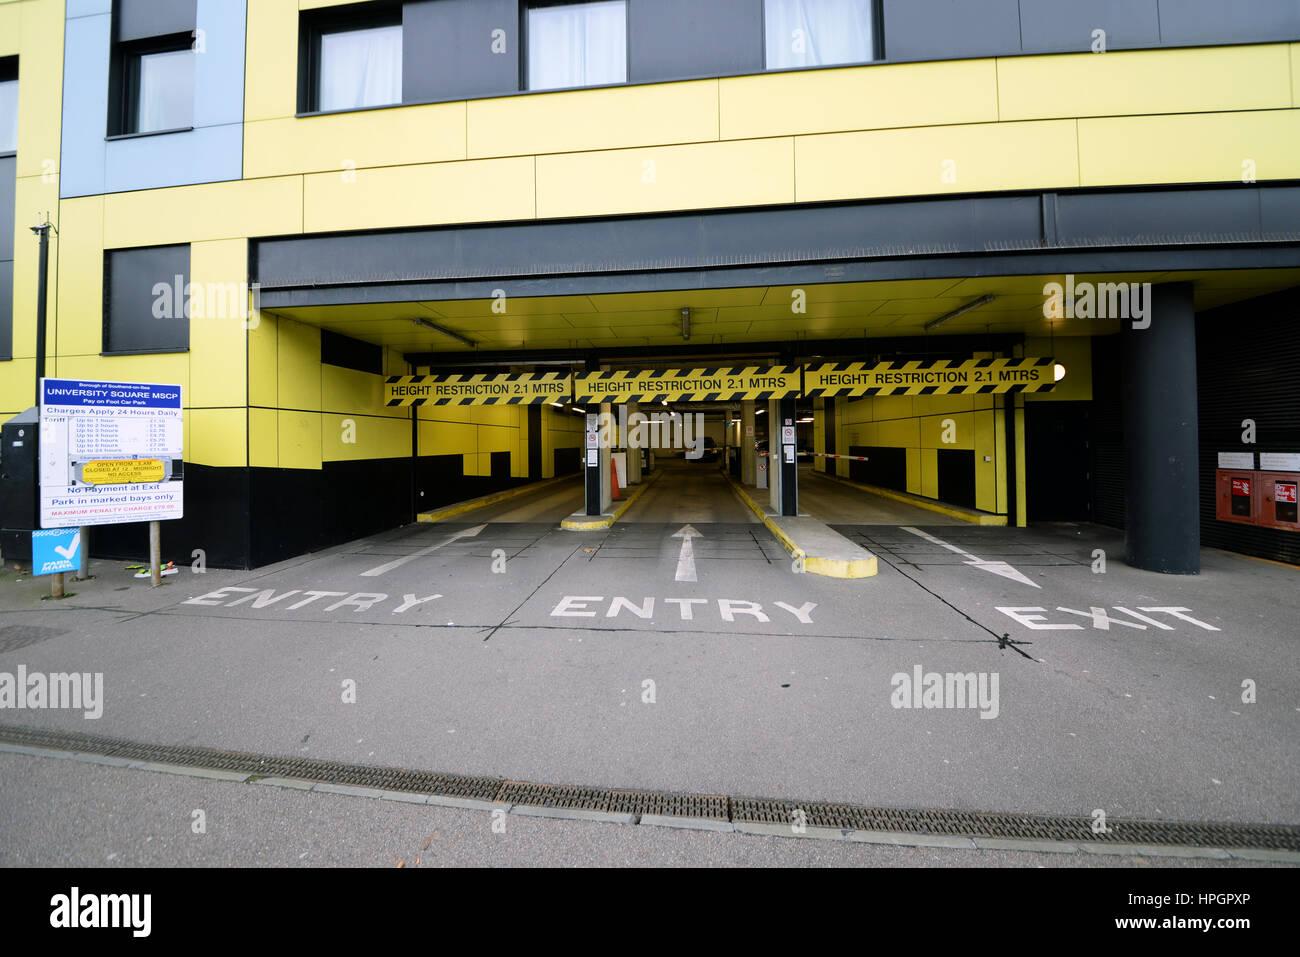 University Square Car Park Entrance